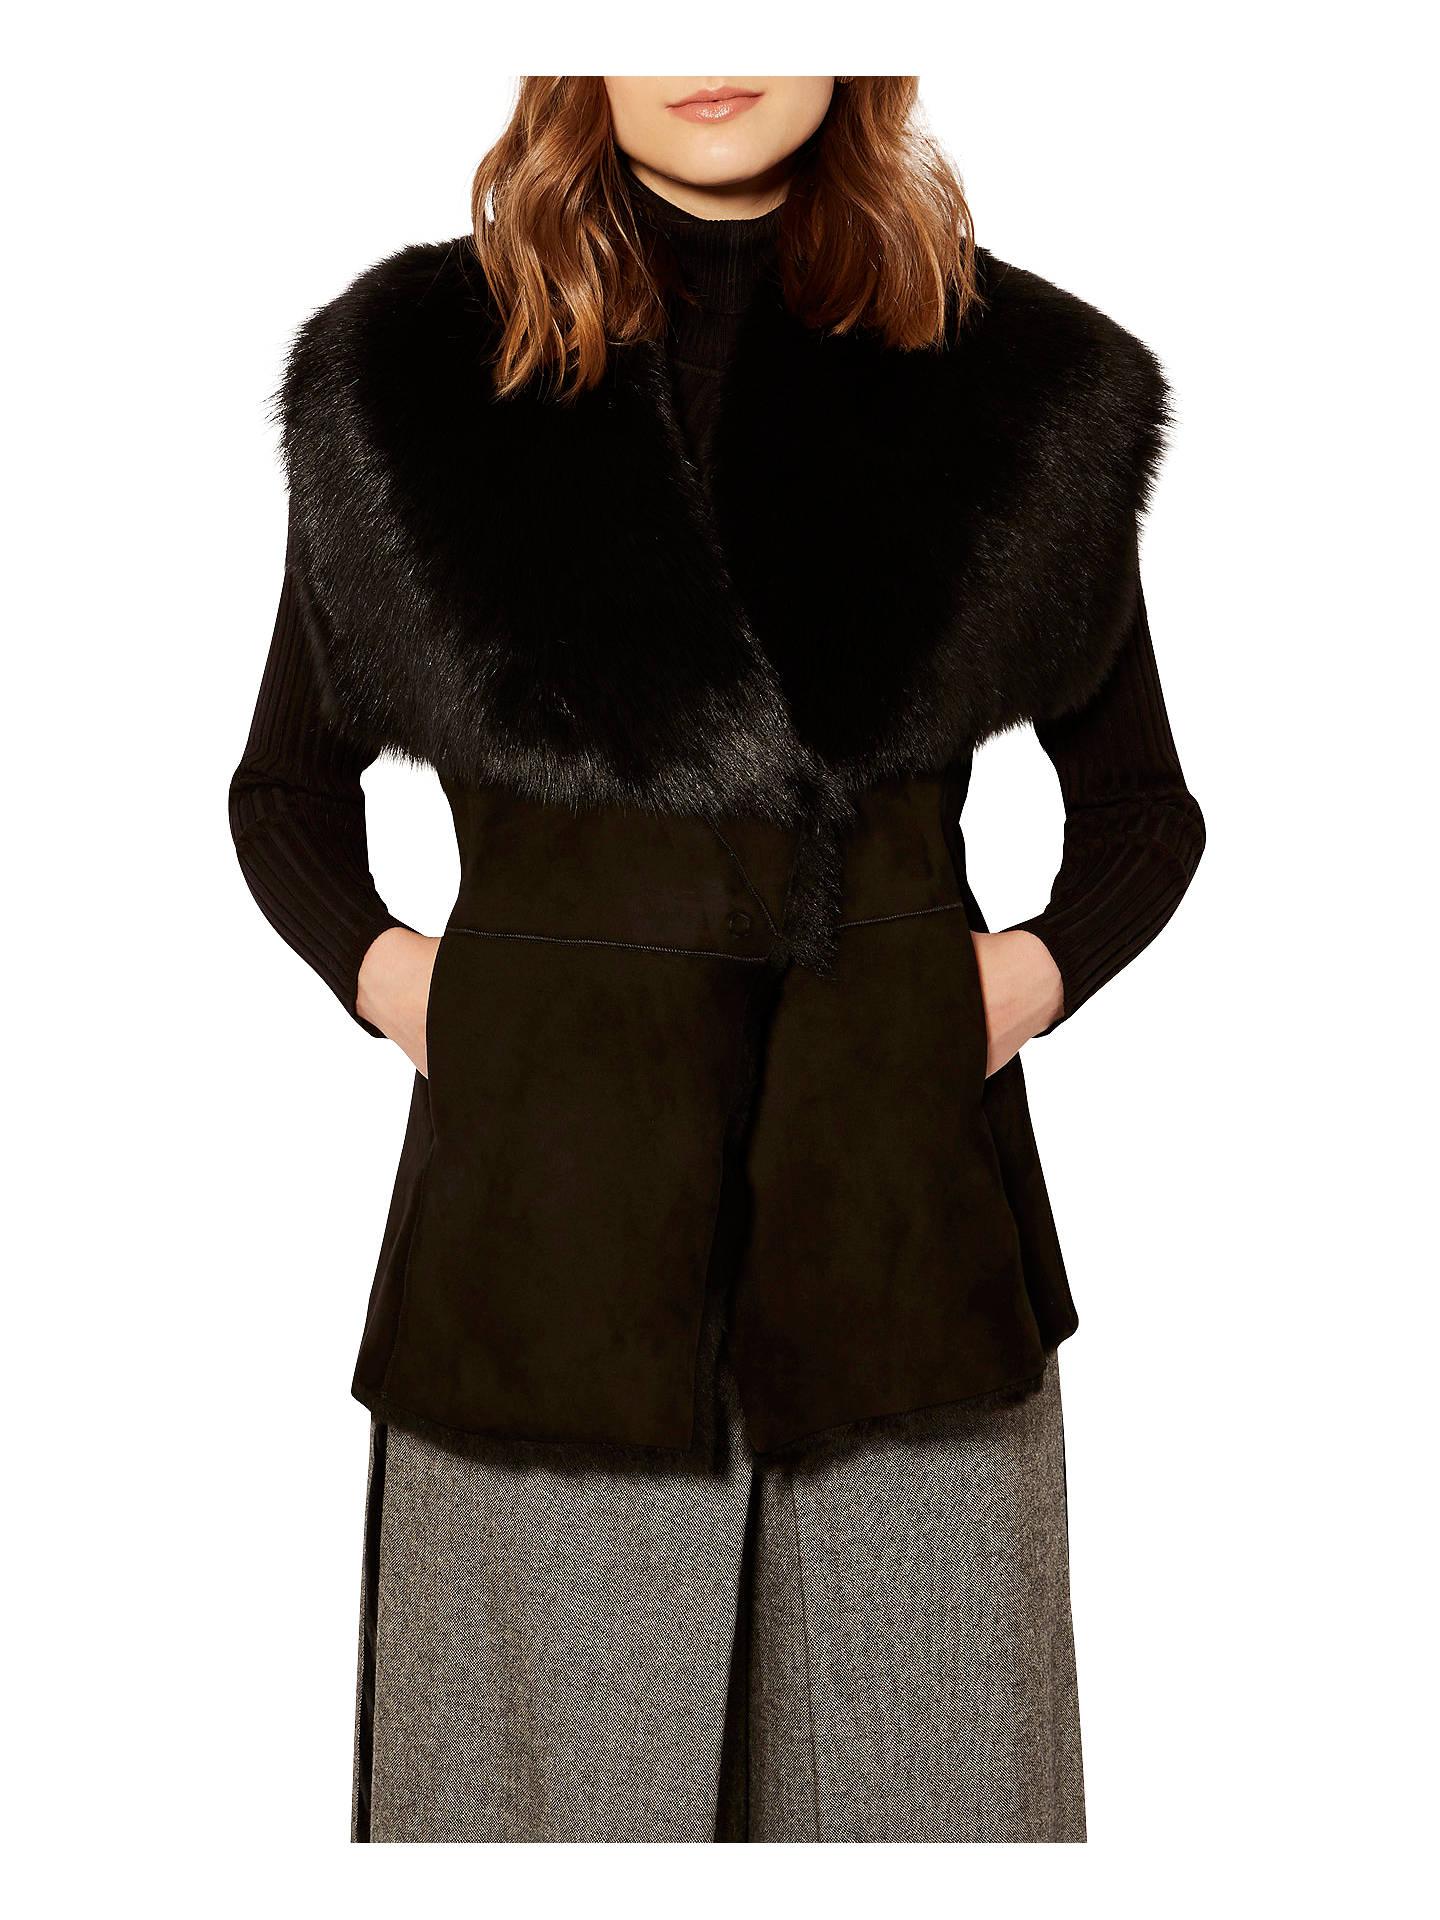 f8801d9ce3 Buy Karen Millen Shearling Gilet, Black, 6 Online at johnlewis.com ...